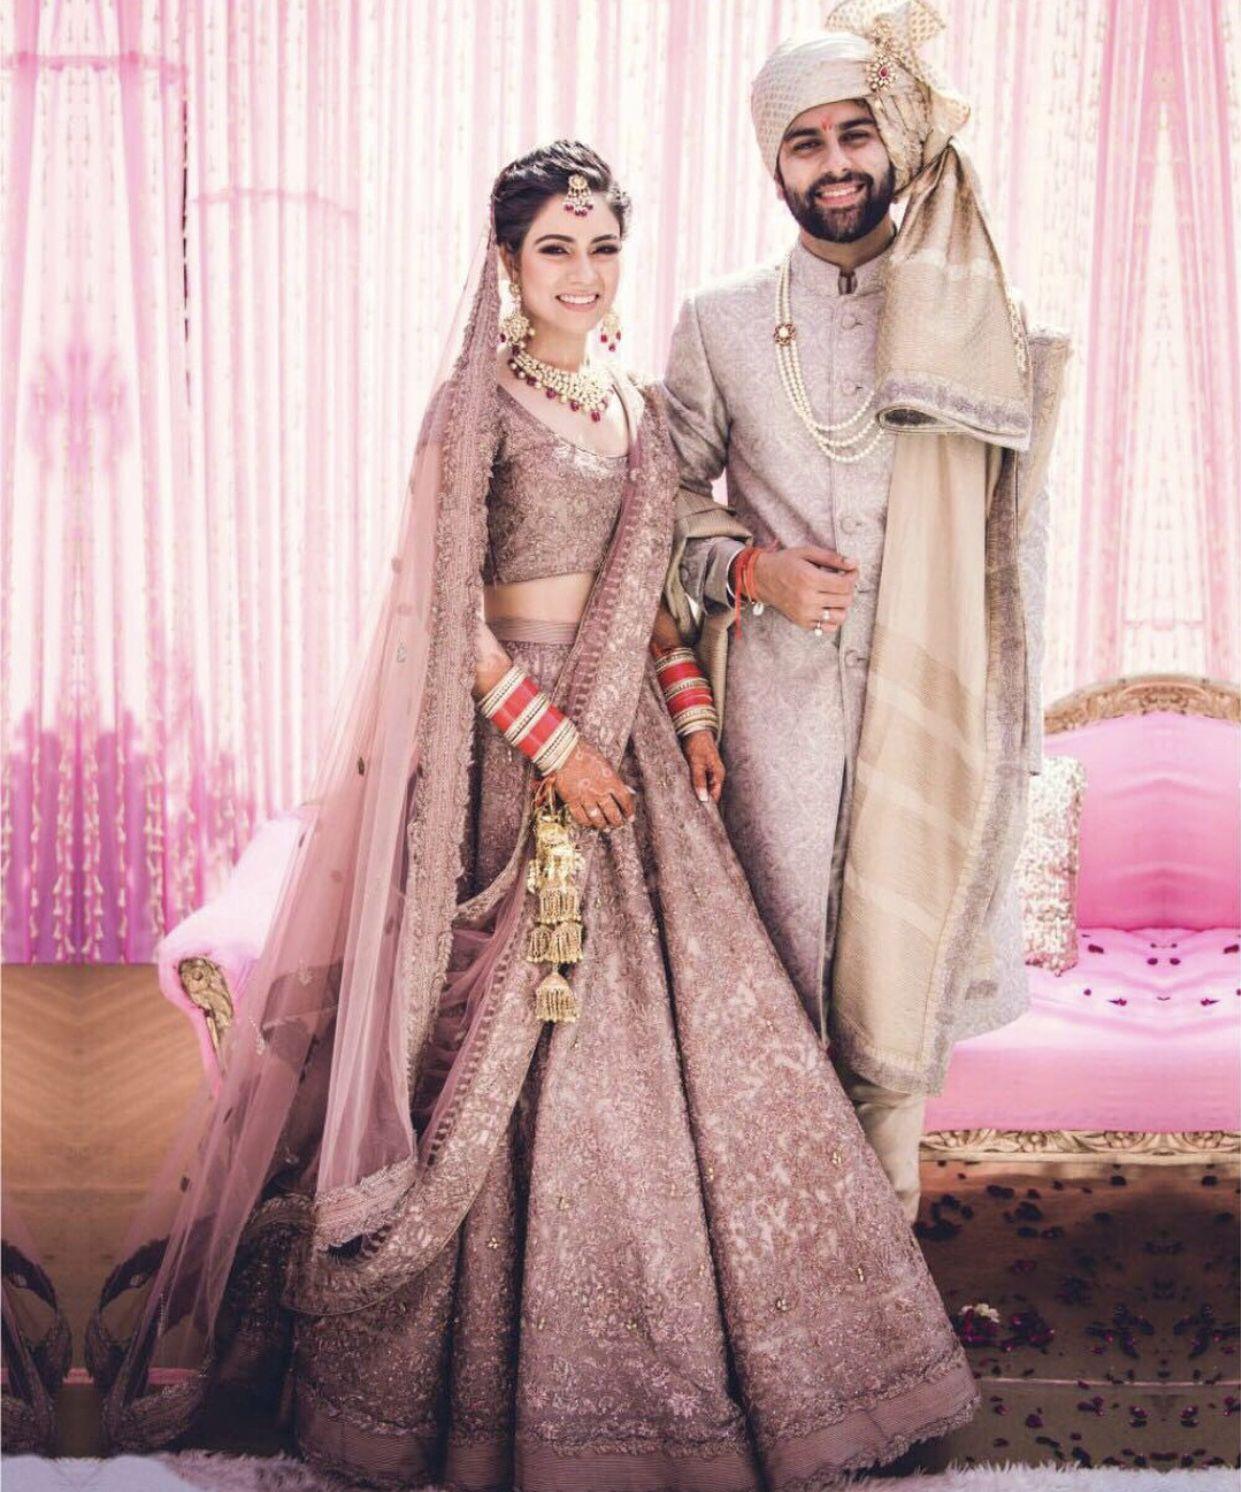 Pinterest • @bhavi91 | Wedding Inspo | Pinterest